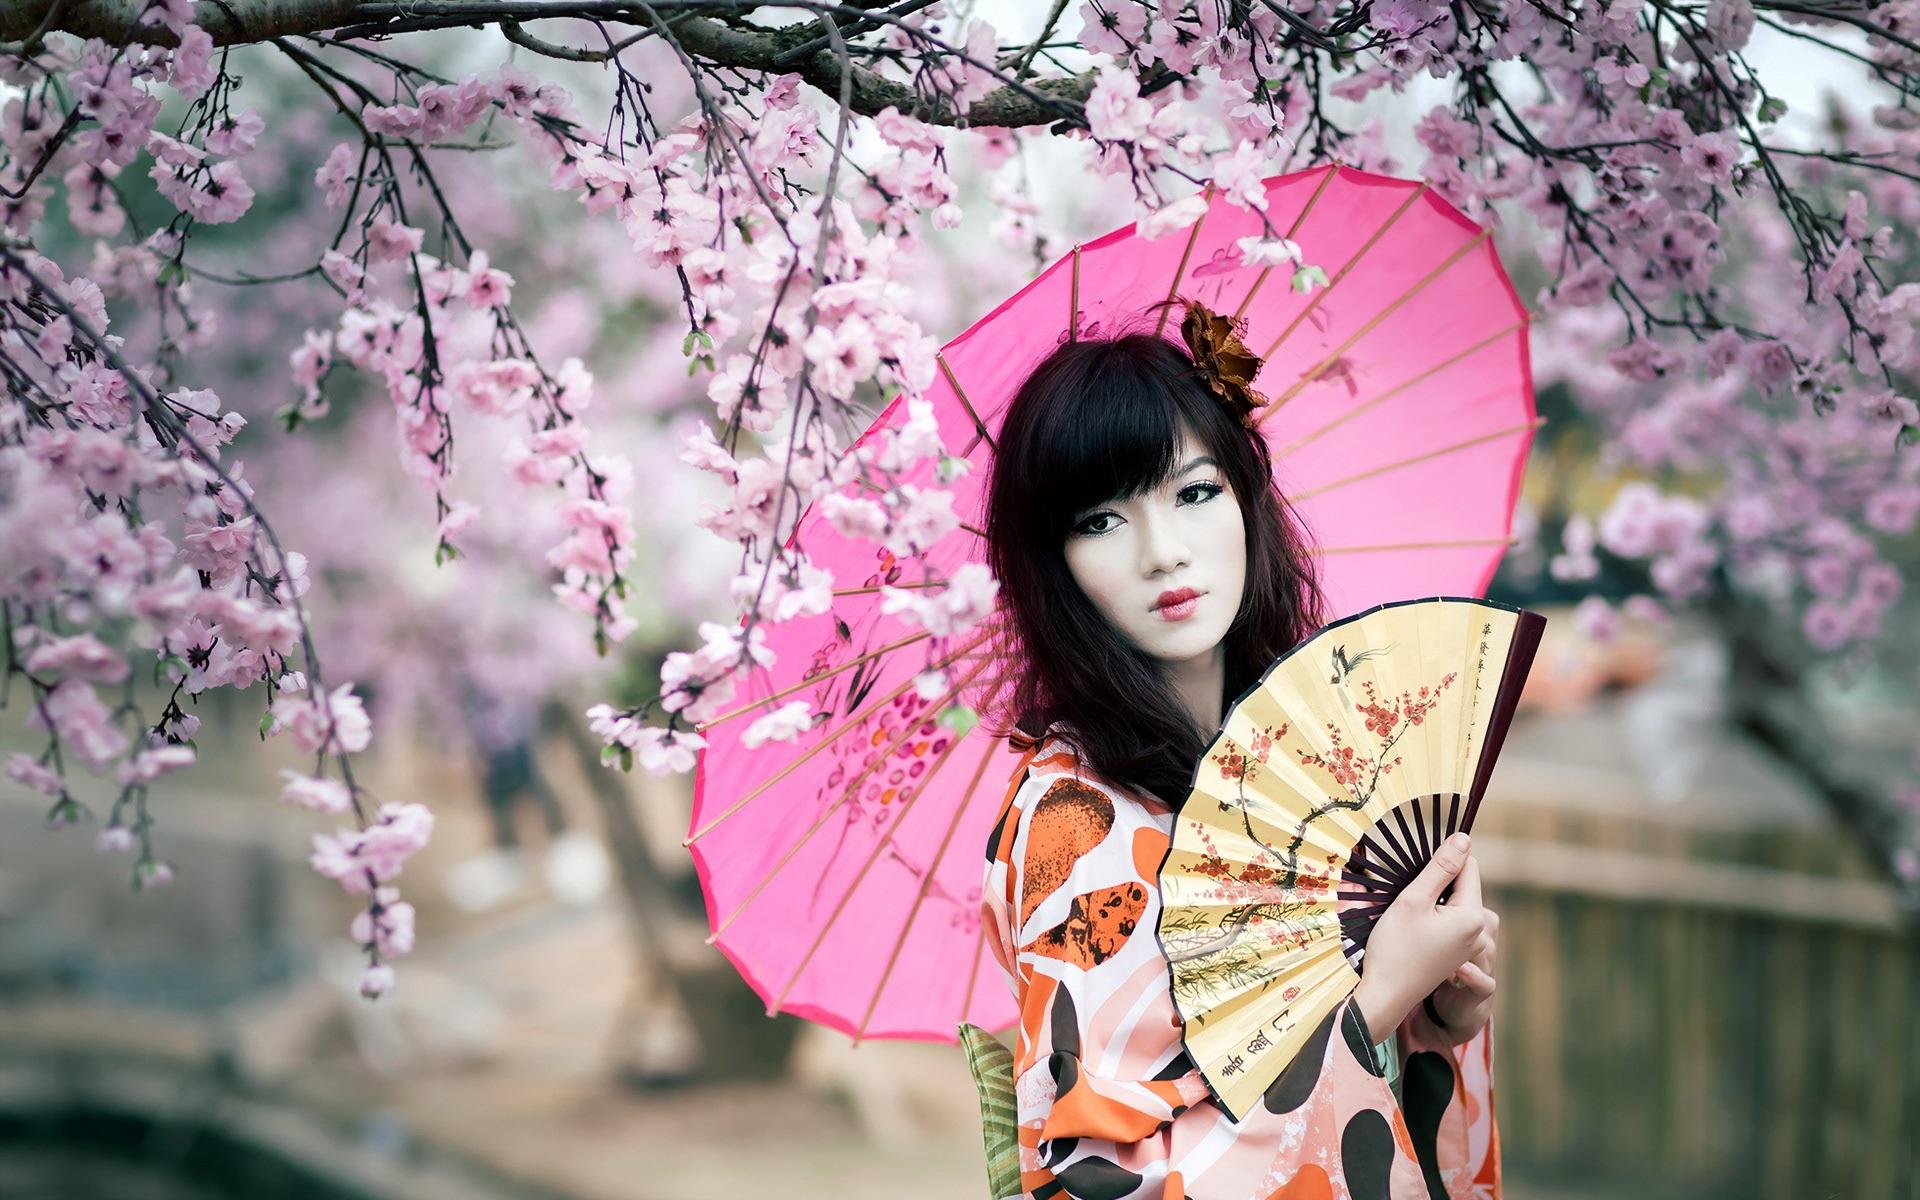 壁紙 桜 着物の女の子 傘 扇 1920x1200 Hd 無料のデスクトップの